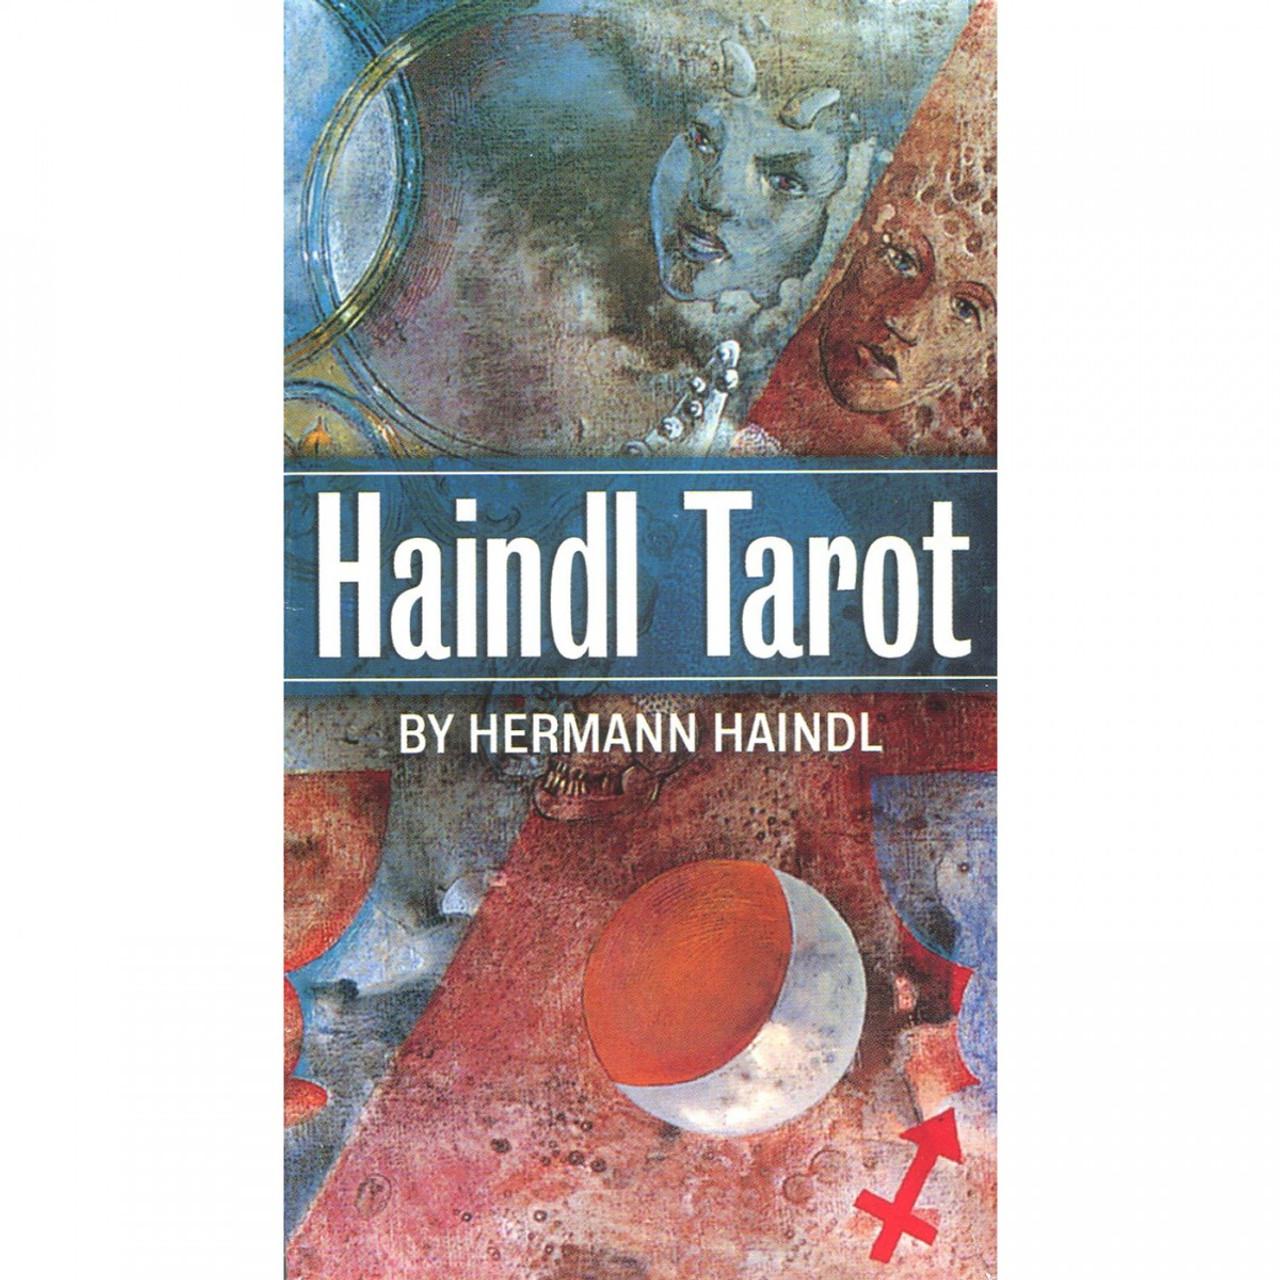 Haindl Tarot by Hermann Haindl